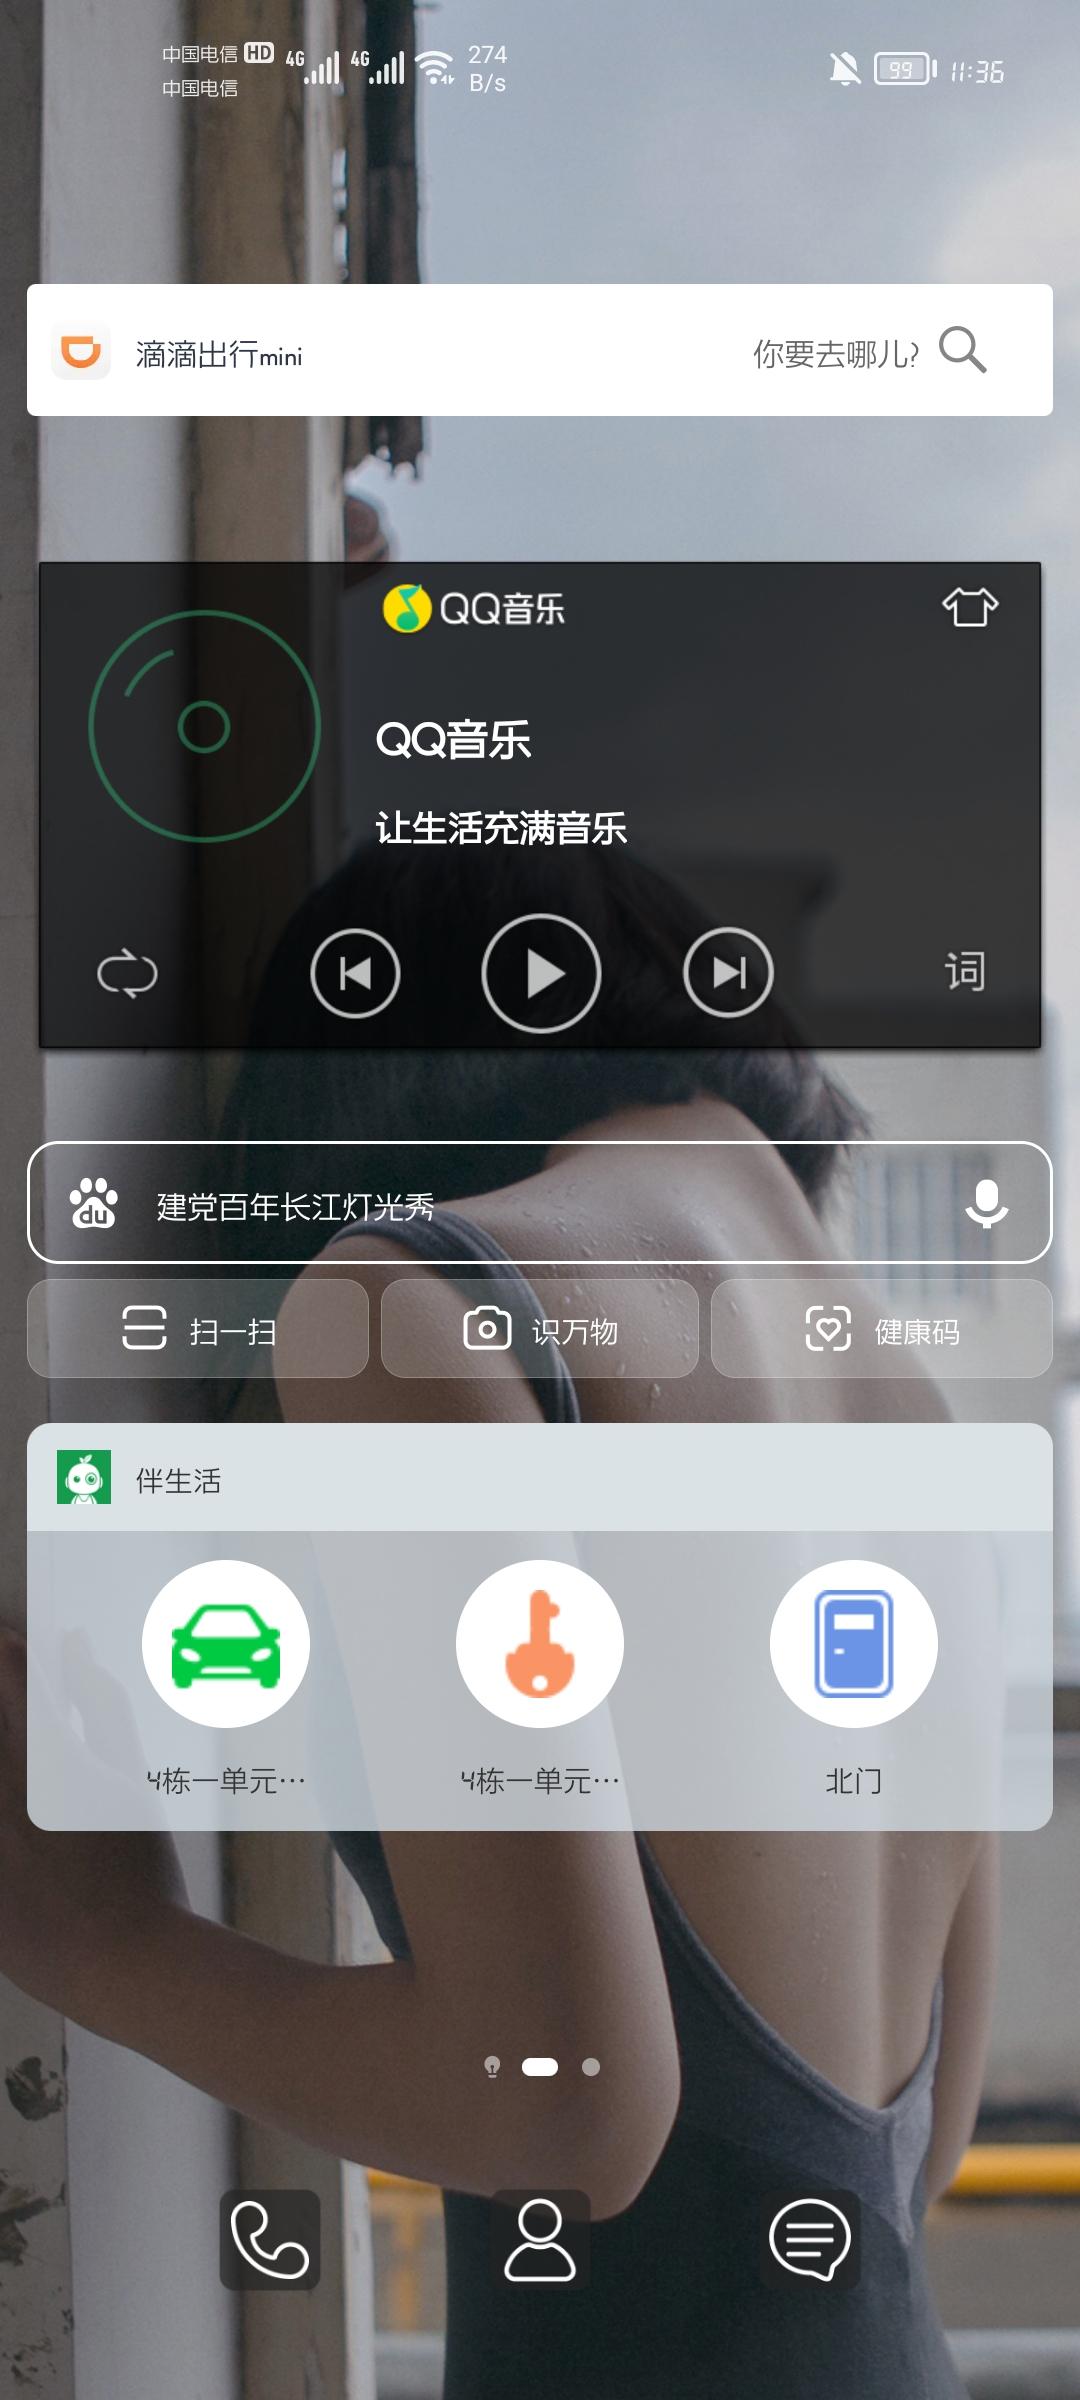 Screenshot_20210625_113626_com.huawei.android.launcher.jpg